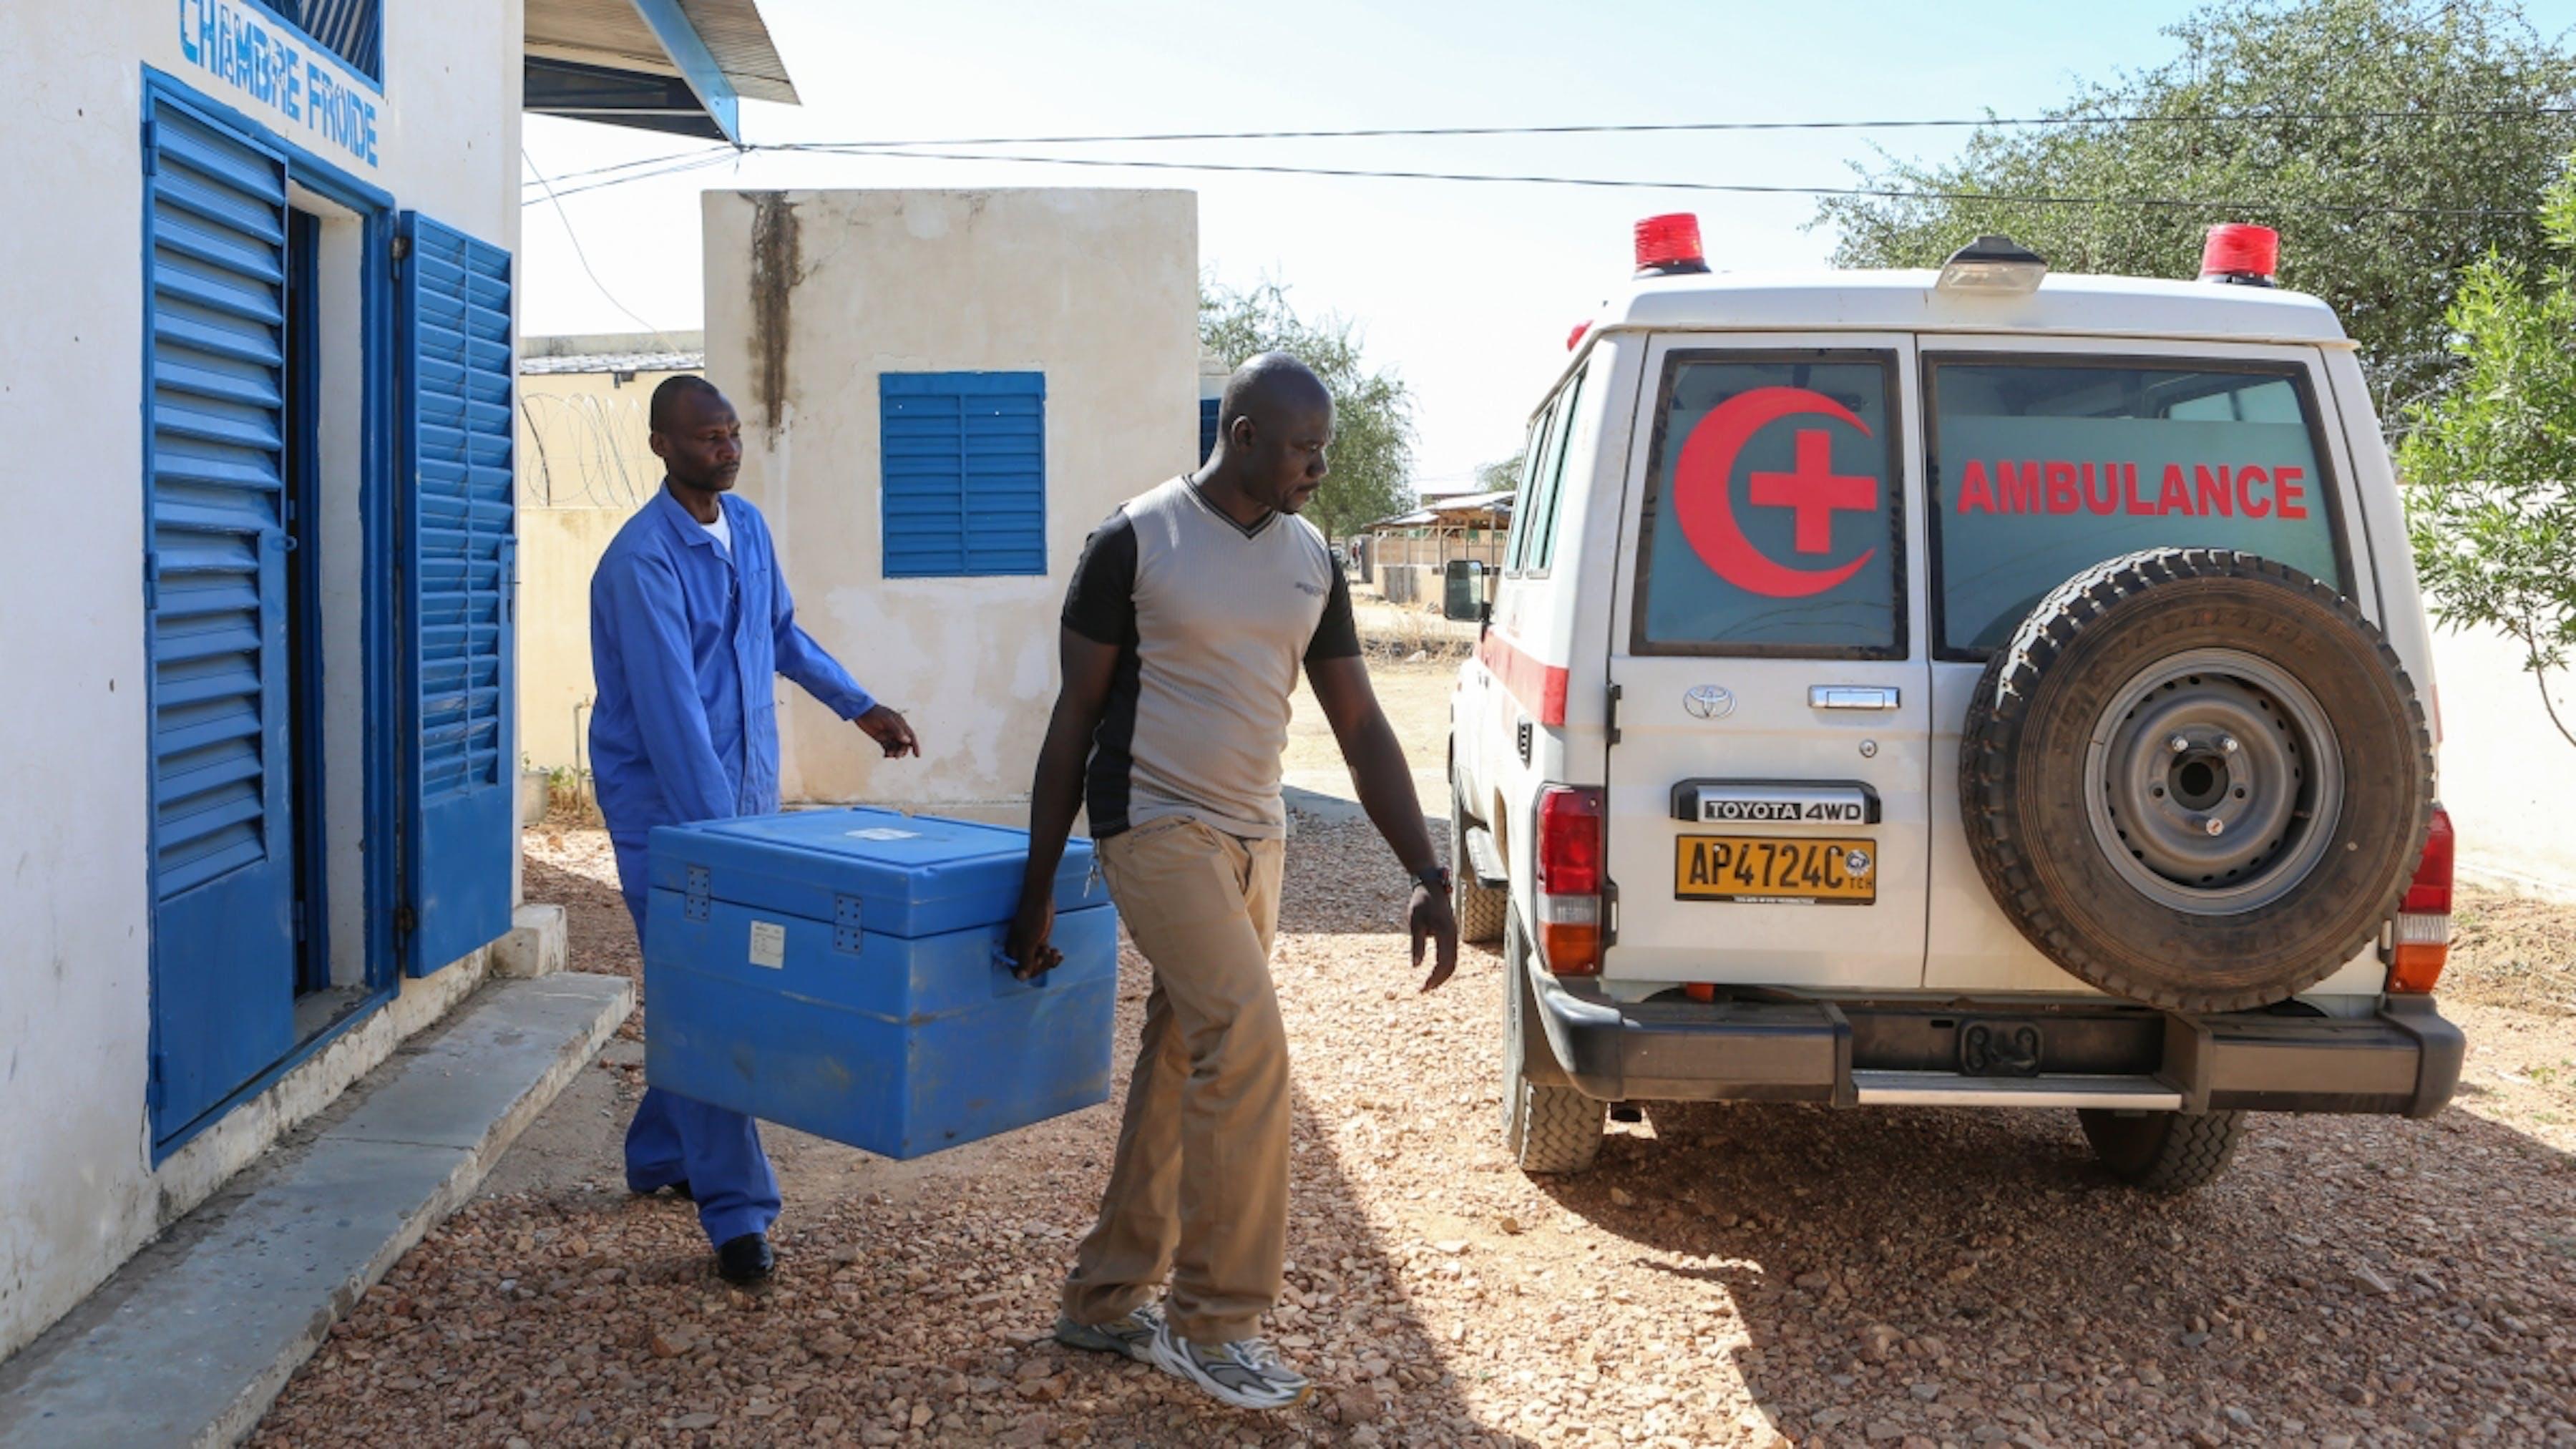 Ciad, due operatori trasportano un contenitore frigo di vaccini a un'ambulanza della Croce Rossa